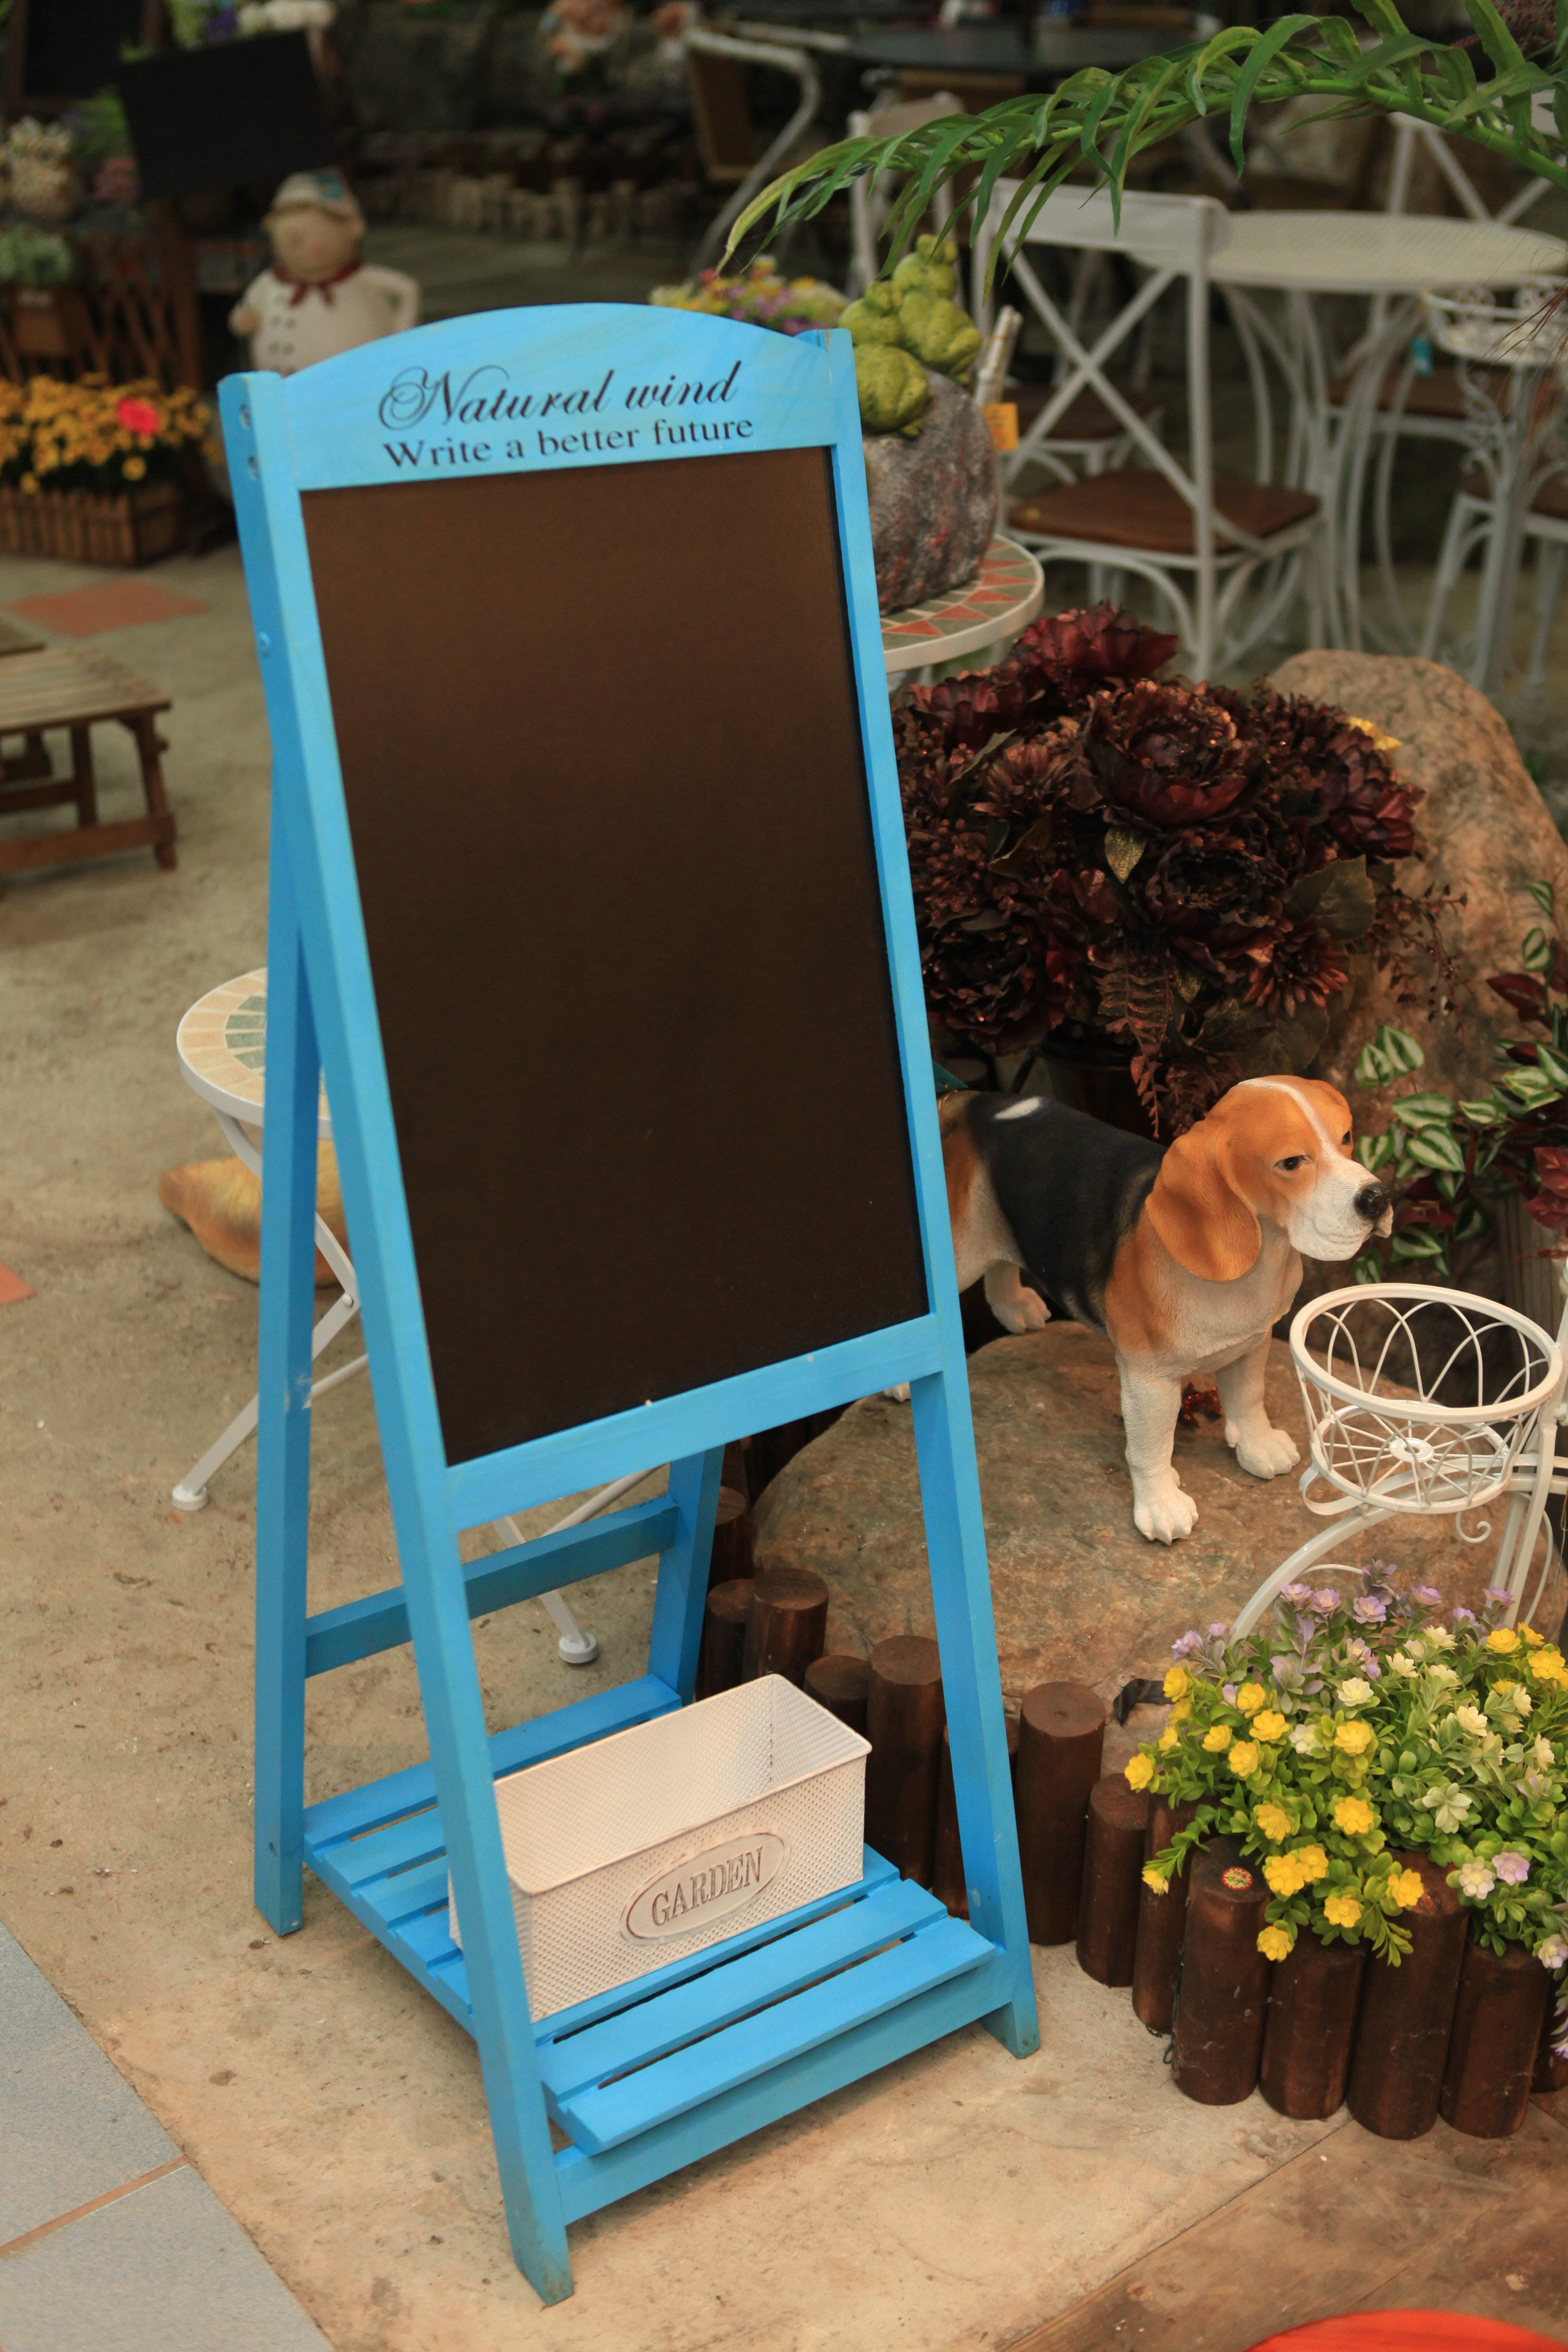 藍色立式黑板 免運費 黑板花架 Menu板 菜單架 促銷 宣傳板 復古風 鄉村系 仿舊 招牌 廣告黑板{永美家具}